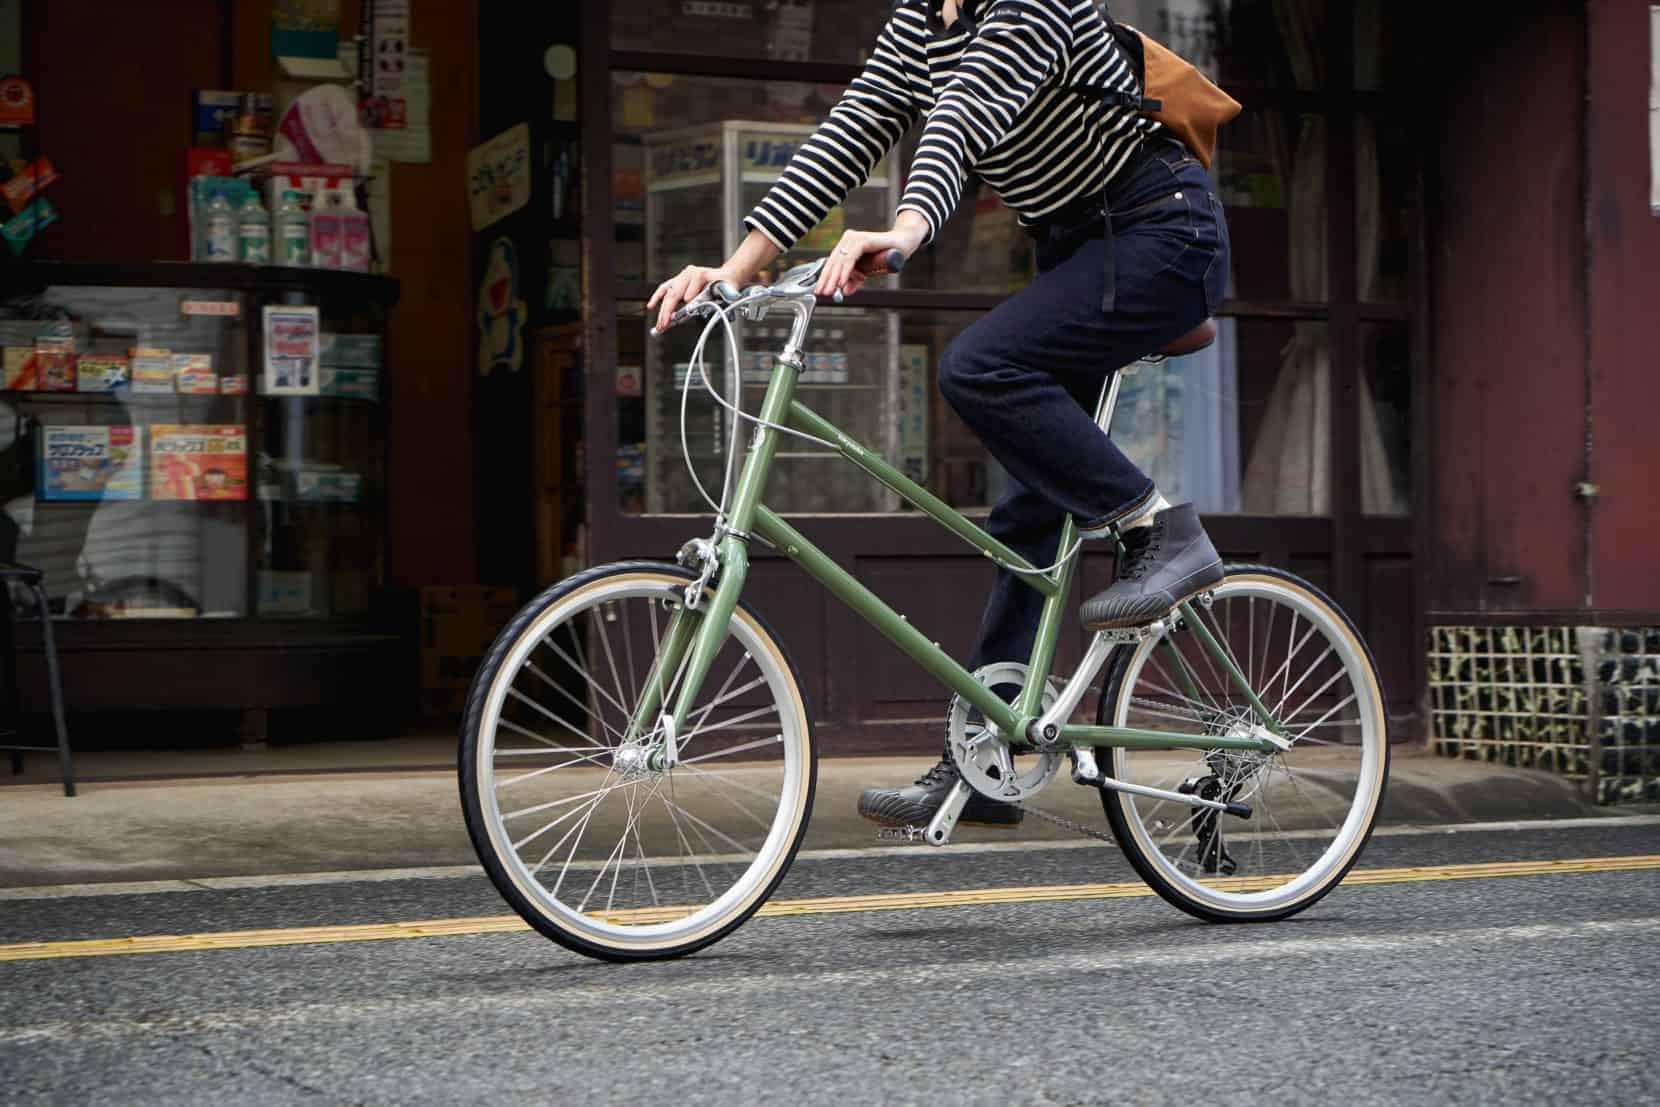 TOKYOBIKE CALIN LIMITED ARTICHOKE 自転車をアクティブに乗る女性